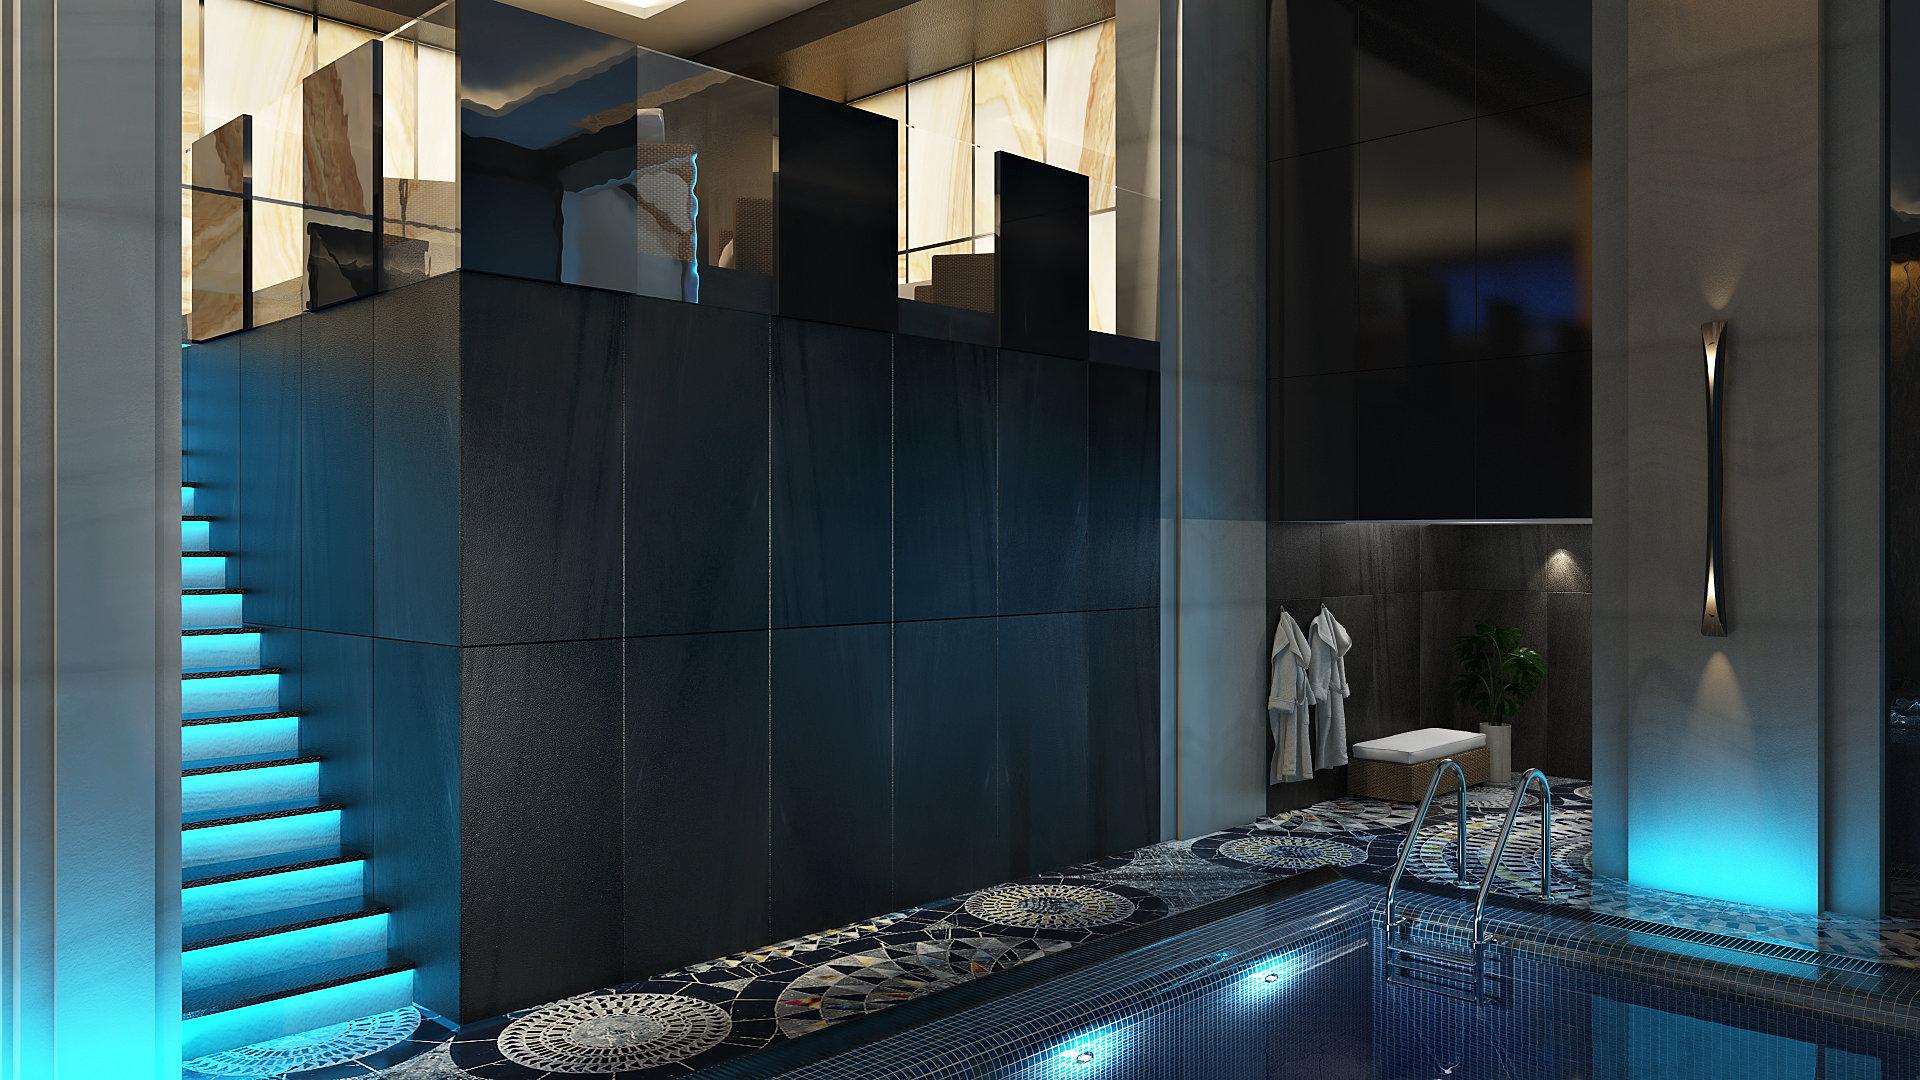 Hotel retlaw fond du lac wi hotel retlaw relaxation for Design hotel f 6 genf